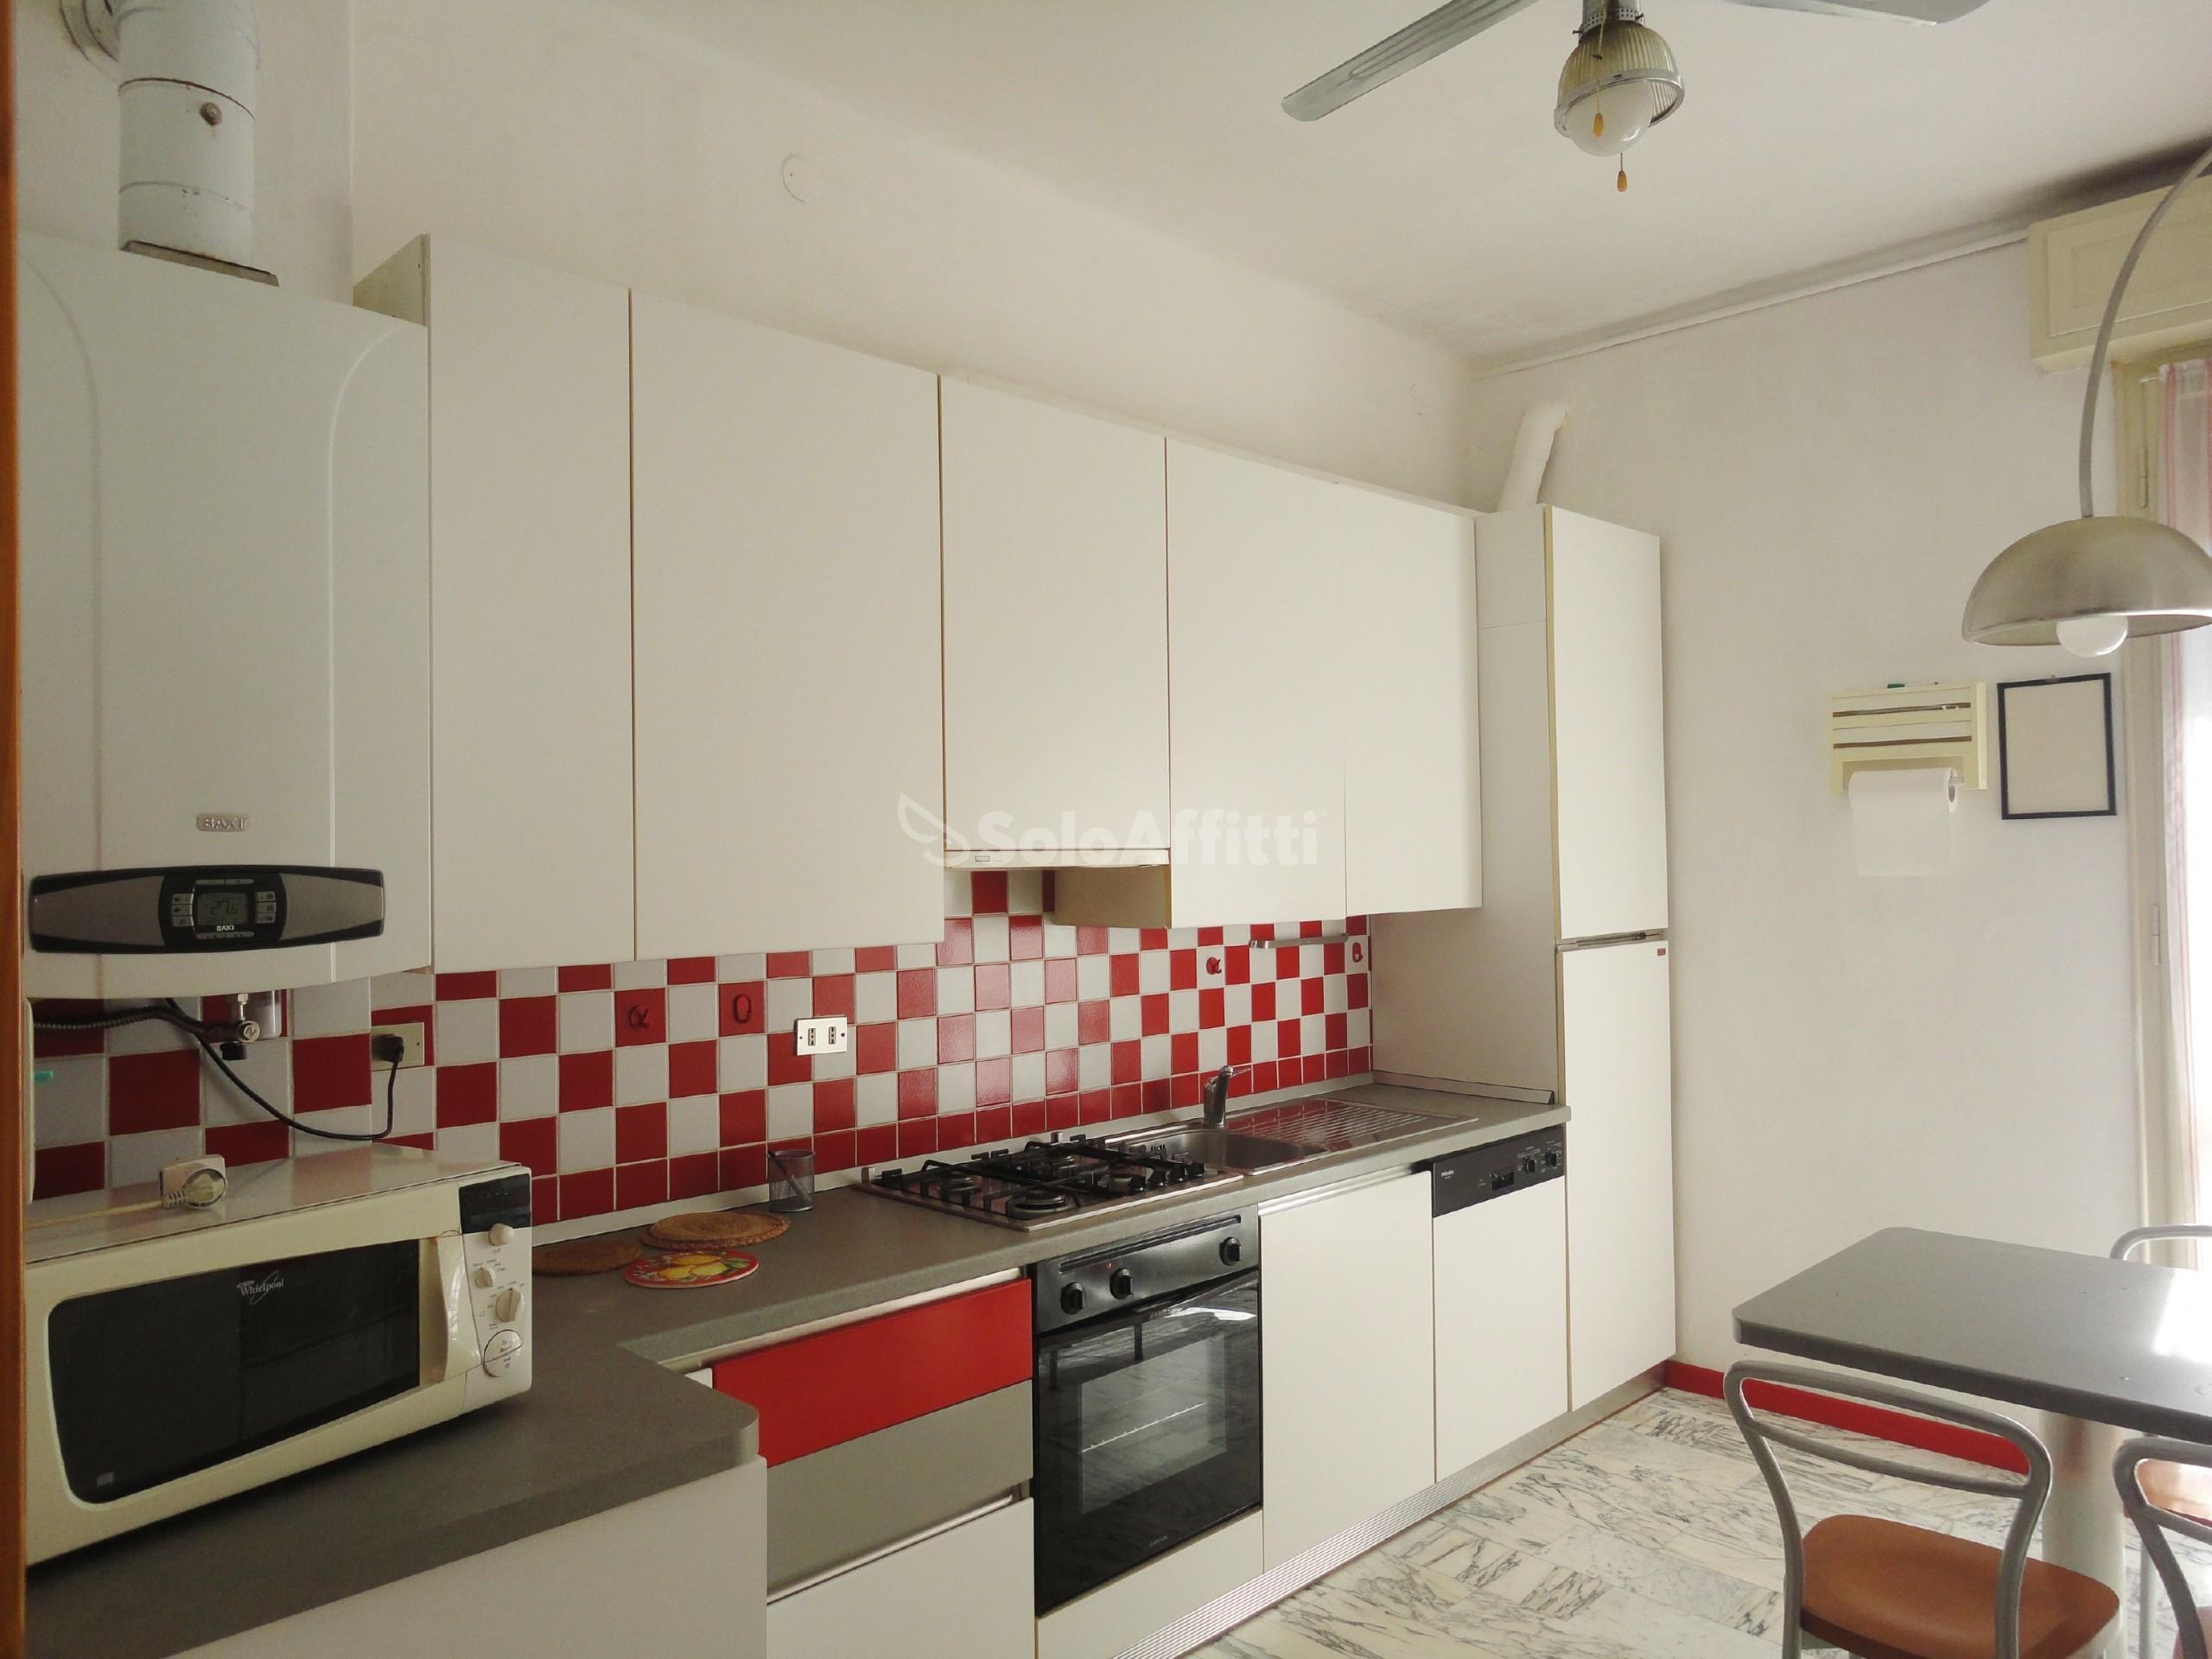 01 - Cucina.jpg